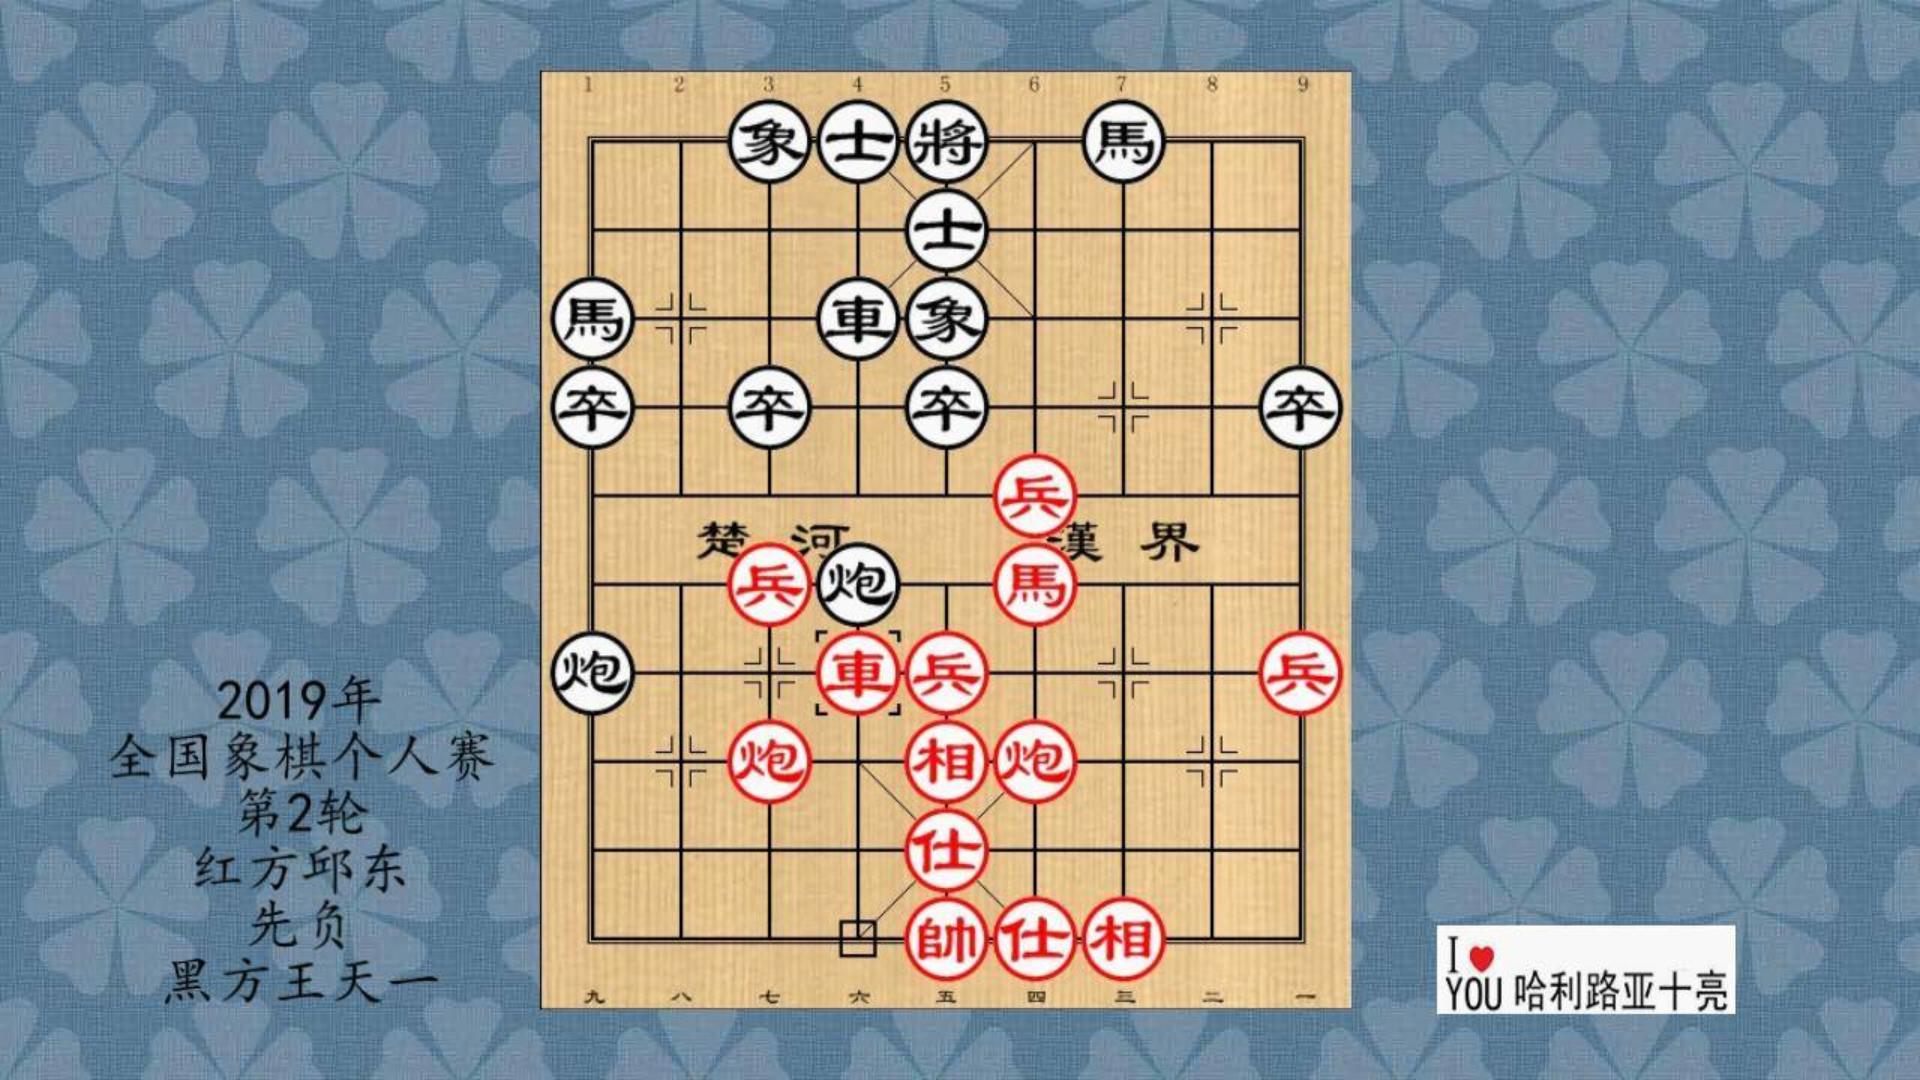 2019年全国象棋个人赛第2轮,邱东先负王天一